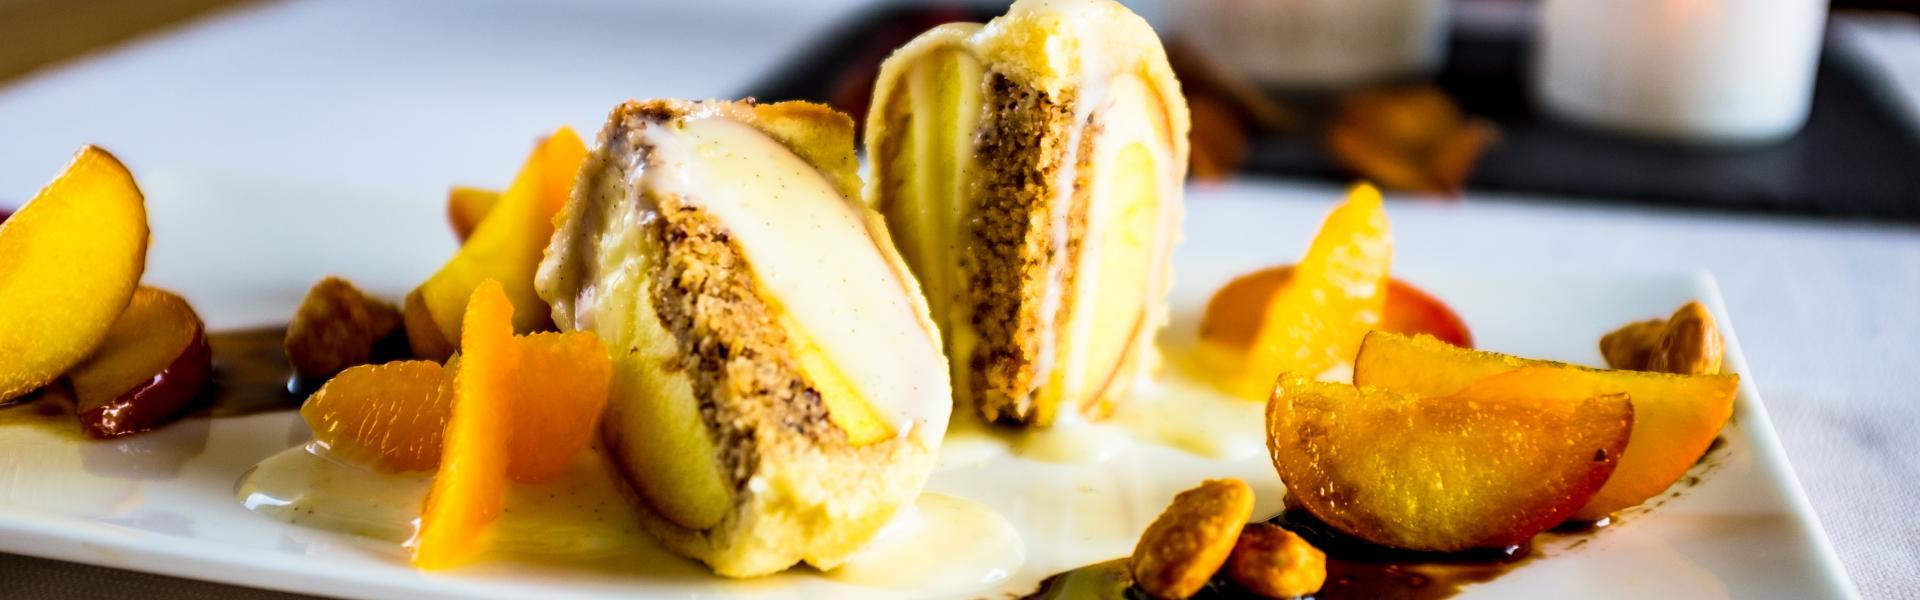 Apfel im Schlafrock halbiert und auf Teller mit Vanillesoße und Orangenfilets angerichtet.